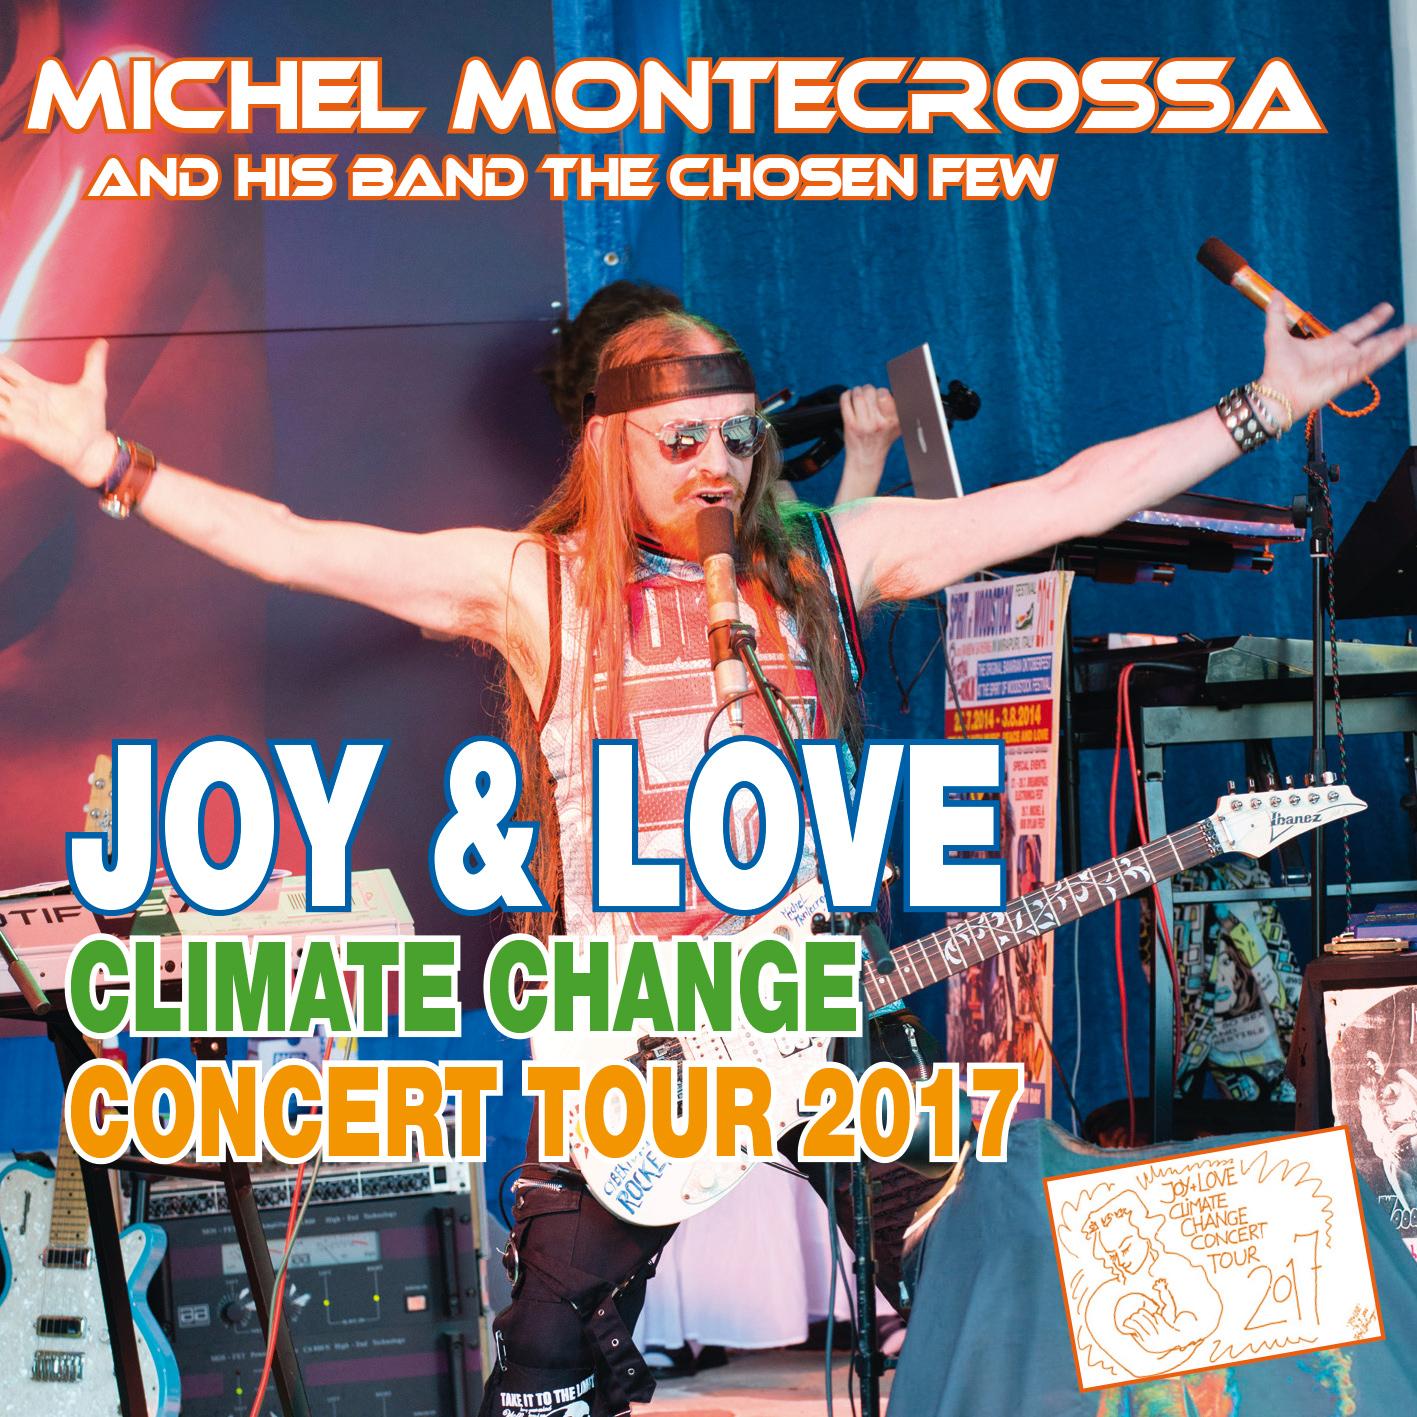 Joy & Love Climate Change Concert Tour 2017